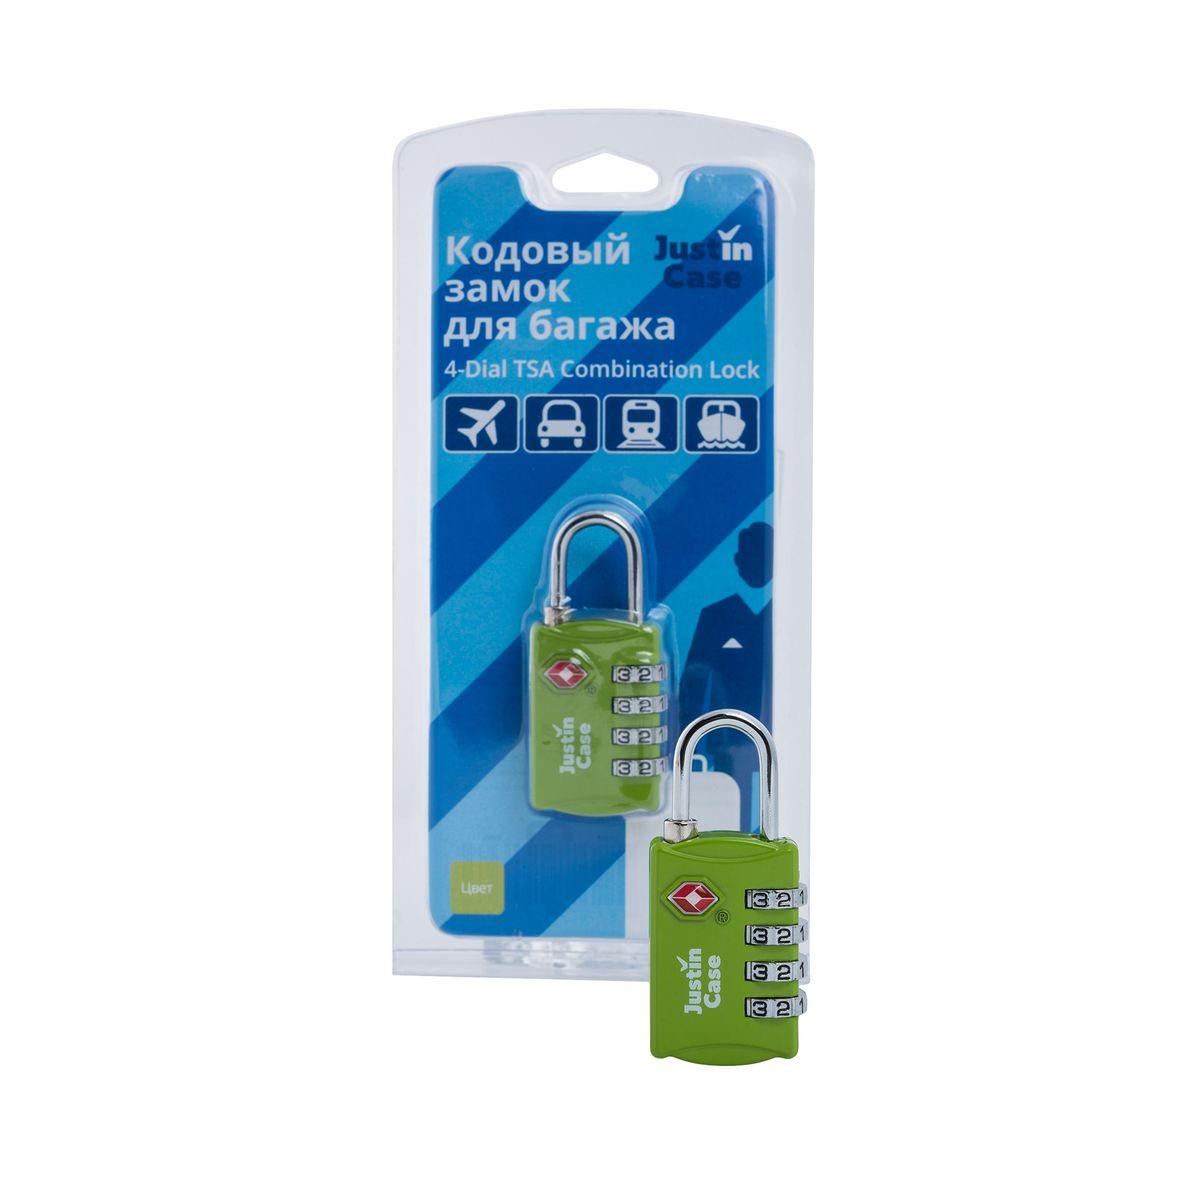 """Еще один вариант защиты багажа - компактный кодовый багажный замок. Кодовый замок JustinCase """"4-Dial TSA Combination Lock"""" отличается от обычного тем, что вы можете установить собственную, известную только вам комбинацию цифр, без которой кодовый замок для багажа просто не откроется. Замок этот очень прочен - изготовлен из цинкового сплава. Если в вашем багаже есть хоть одна ценная вещь, такой замок позволит вам спокойно сдавать чемоданы и сумки багажным службам."""